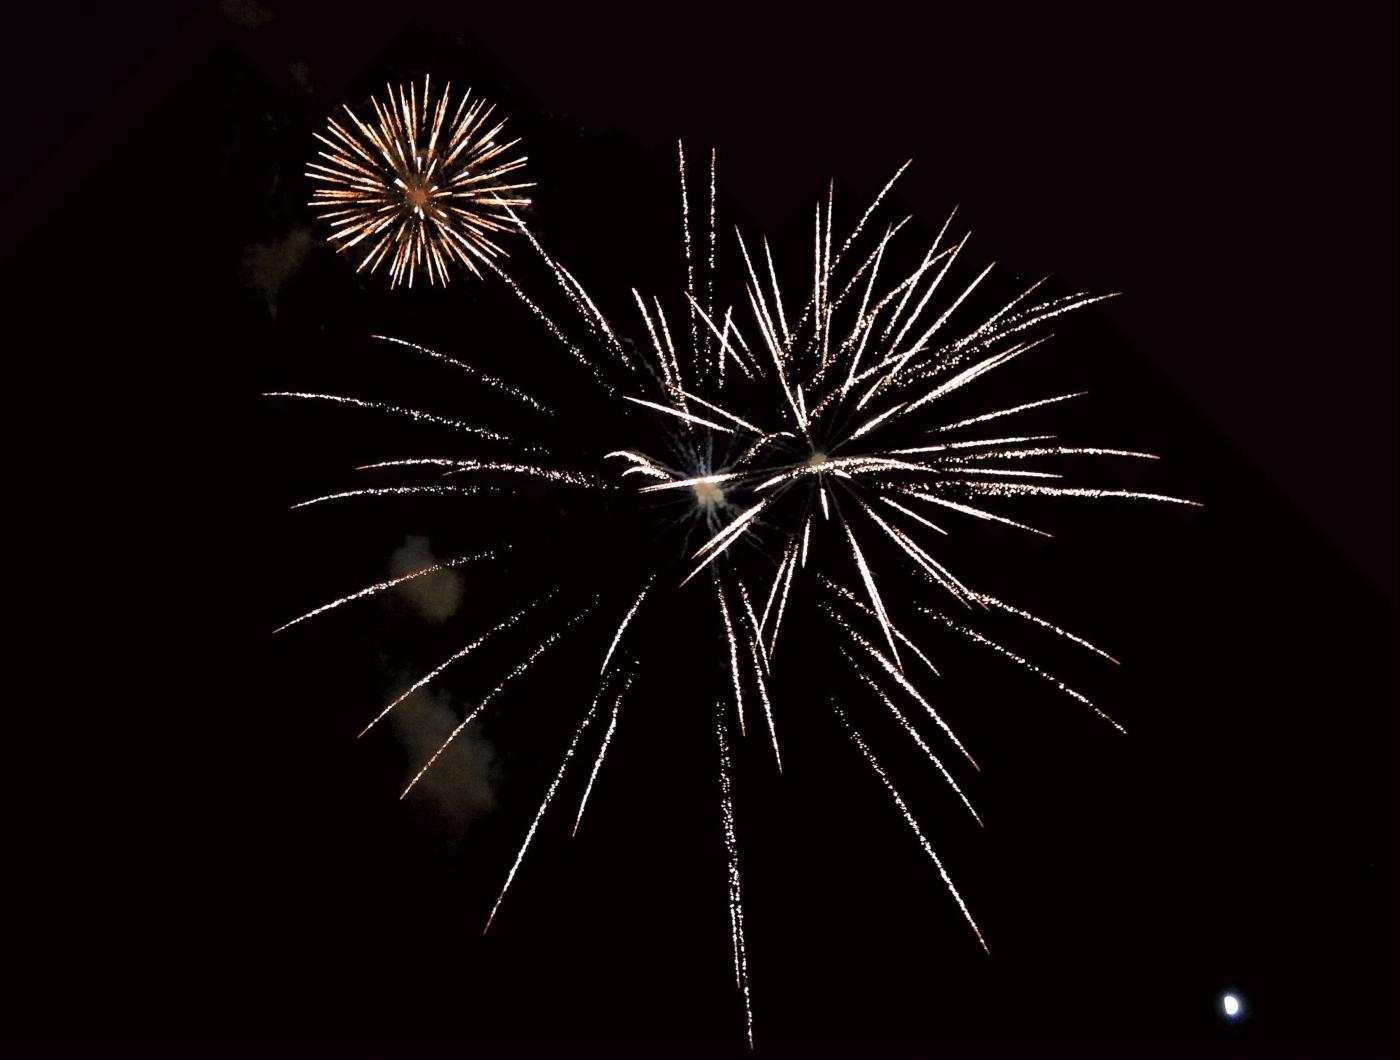 新泽西小镇125岁生日焰火实录_图1-11